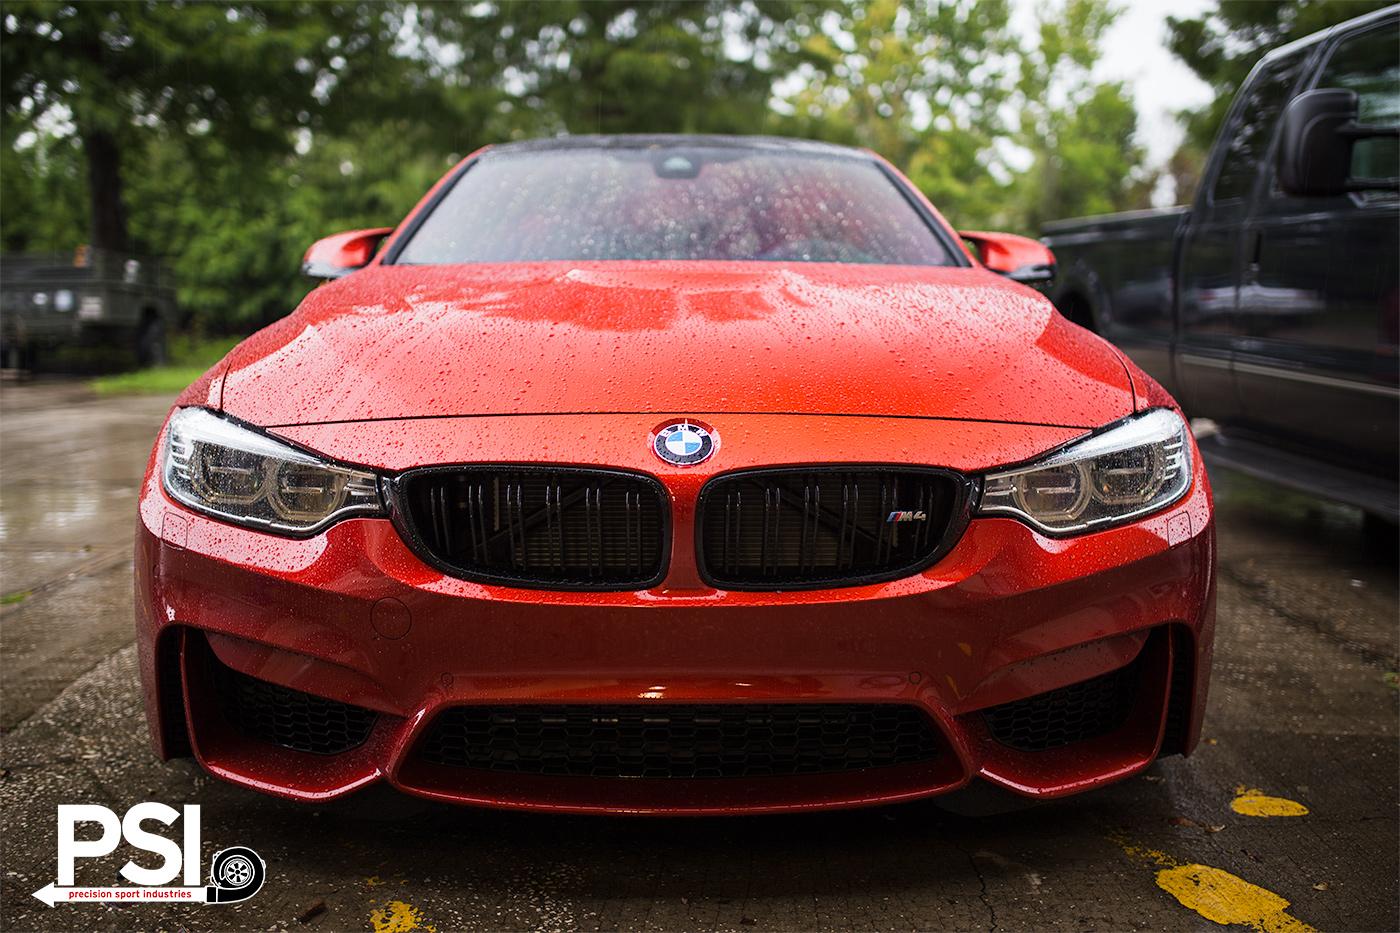 Custom RollBar For BMW M4 By PSI Installation 11